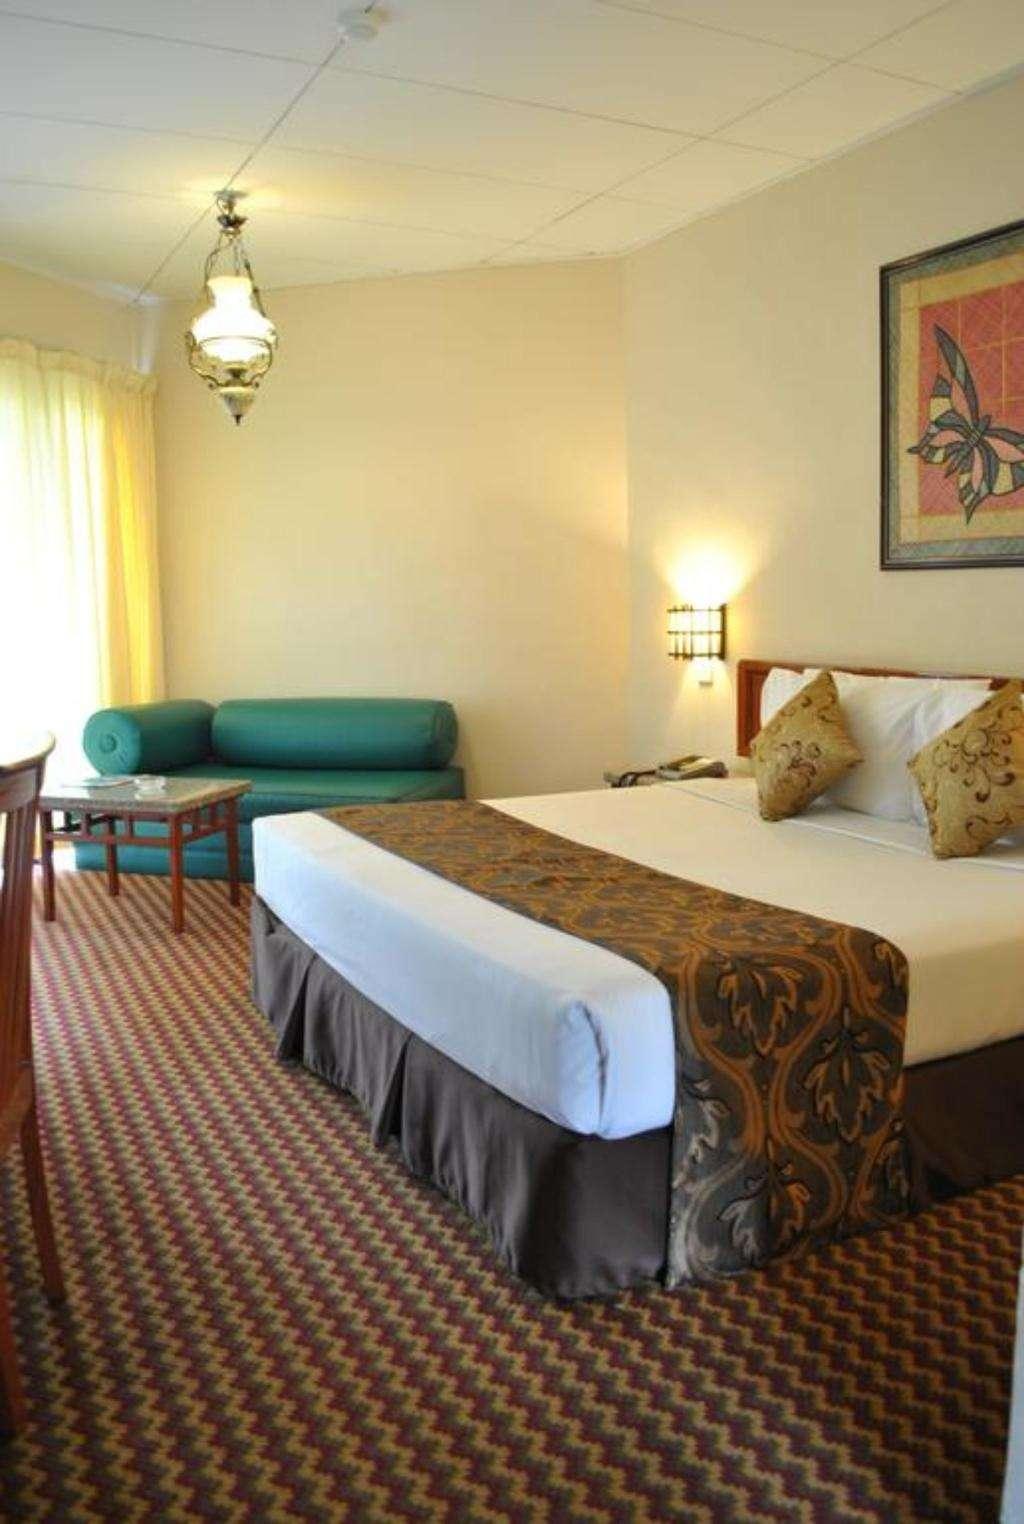 Holiday Villa Beach Resort & Spa Cherating Pahang